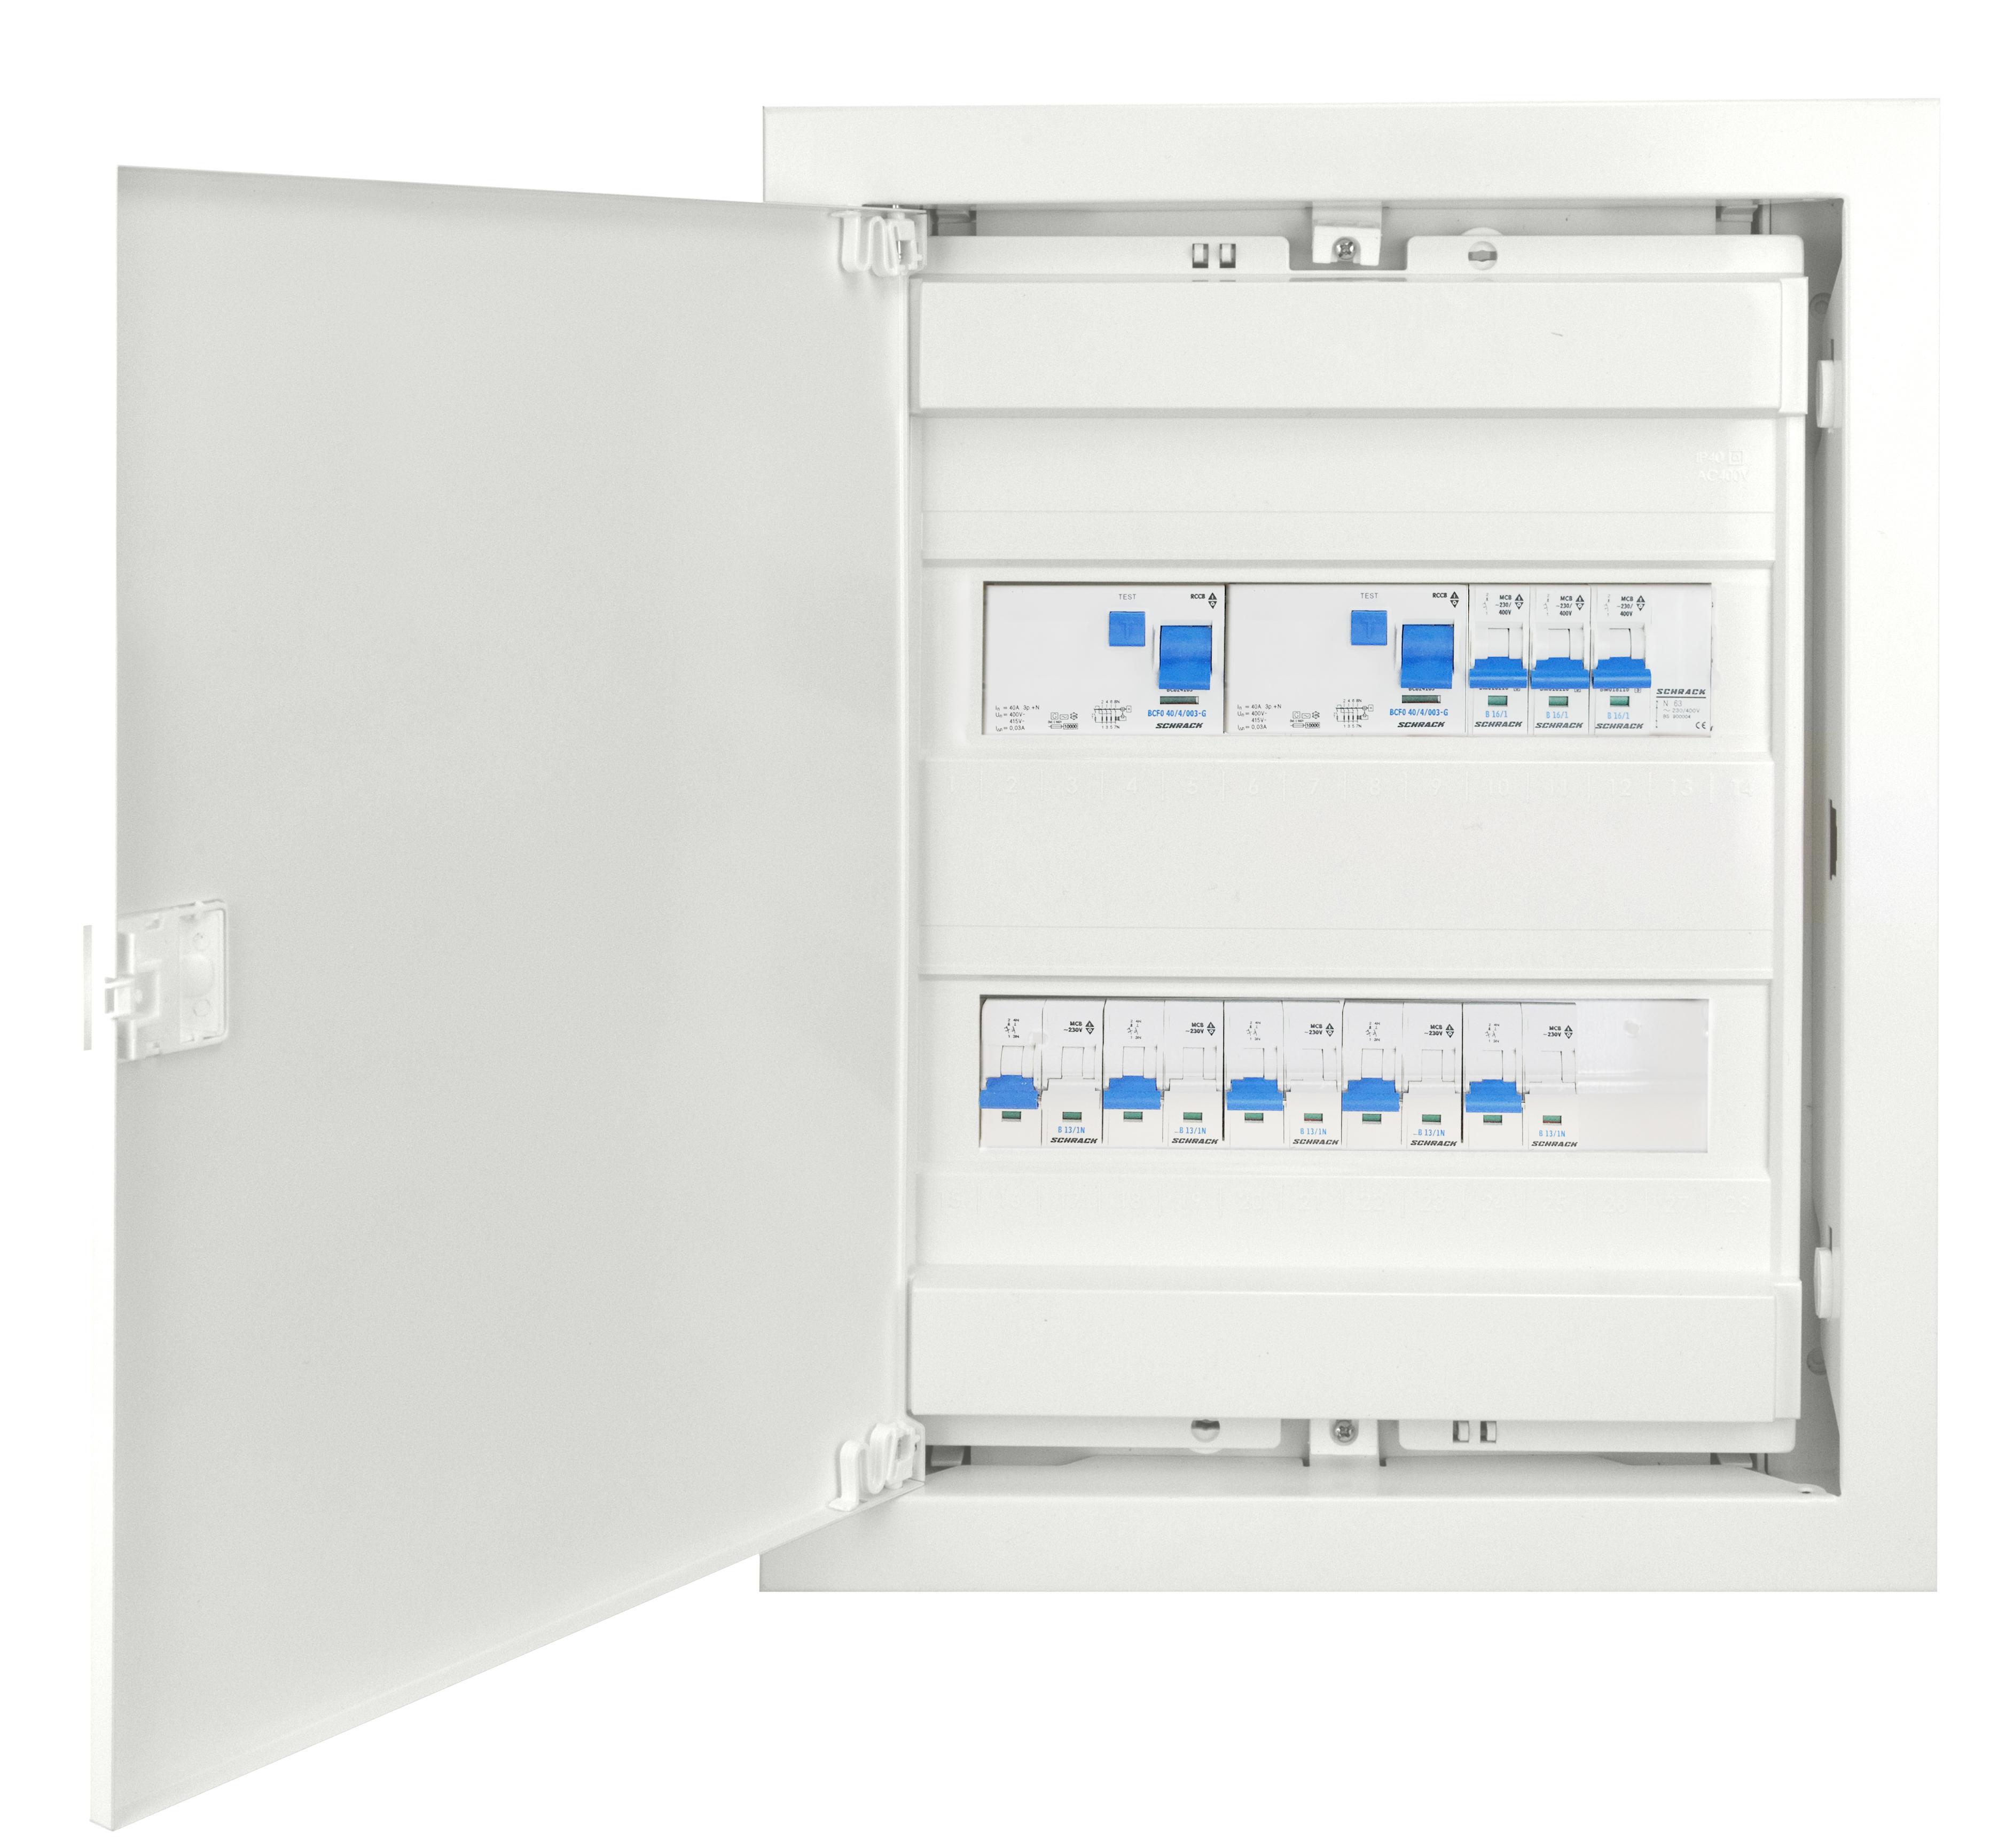 1 Stk UP-Wohnungsverteiler 2-r. mit FI S, Typ A & FI G, Typ AC BKUP400SG-